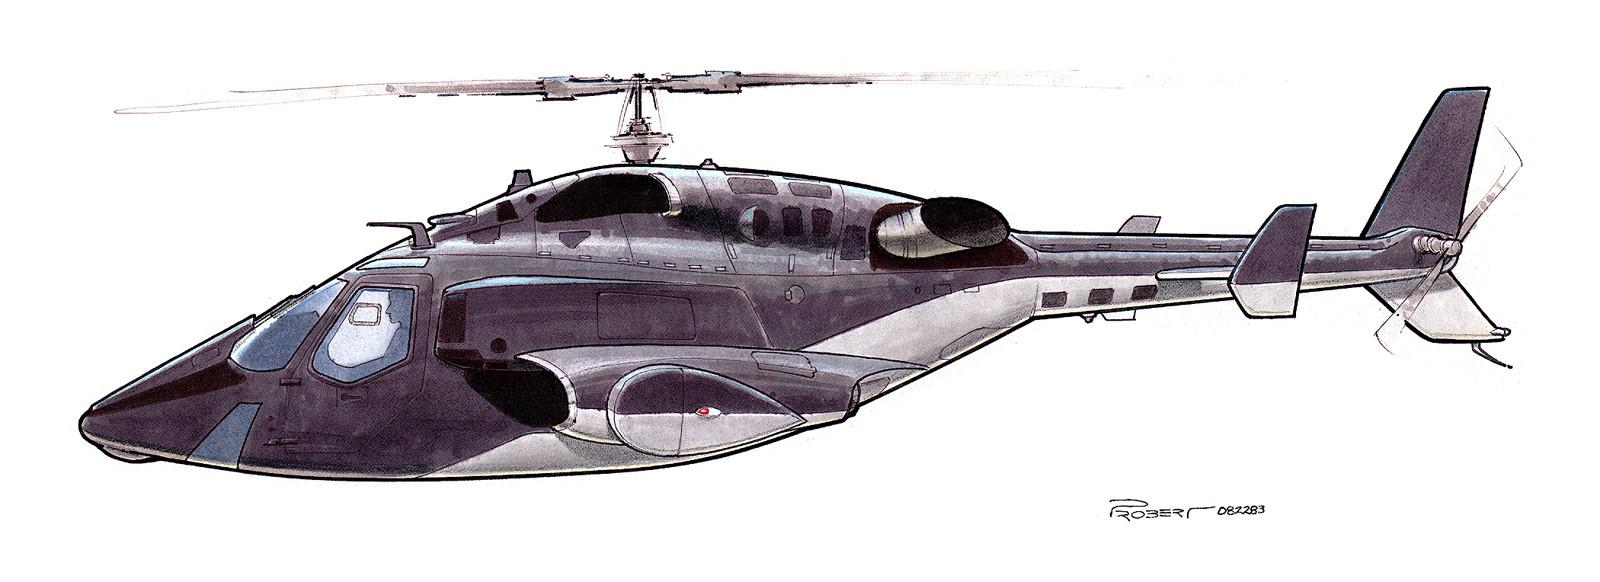 andrew-probert-airwolf-2.jpg?1456330052